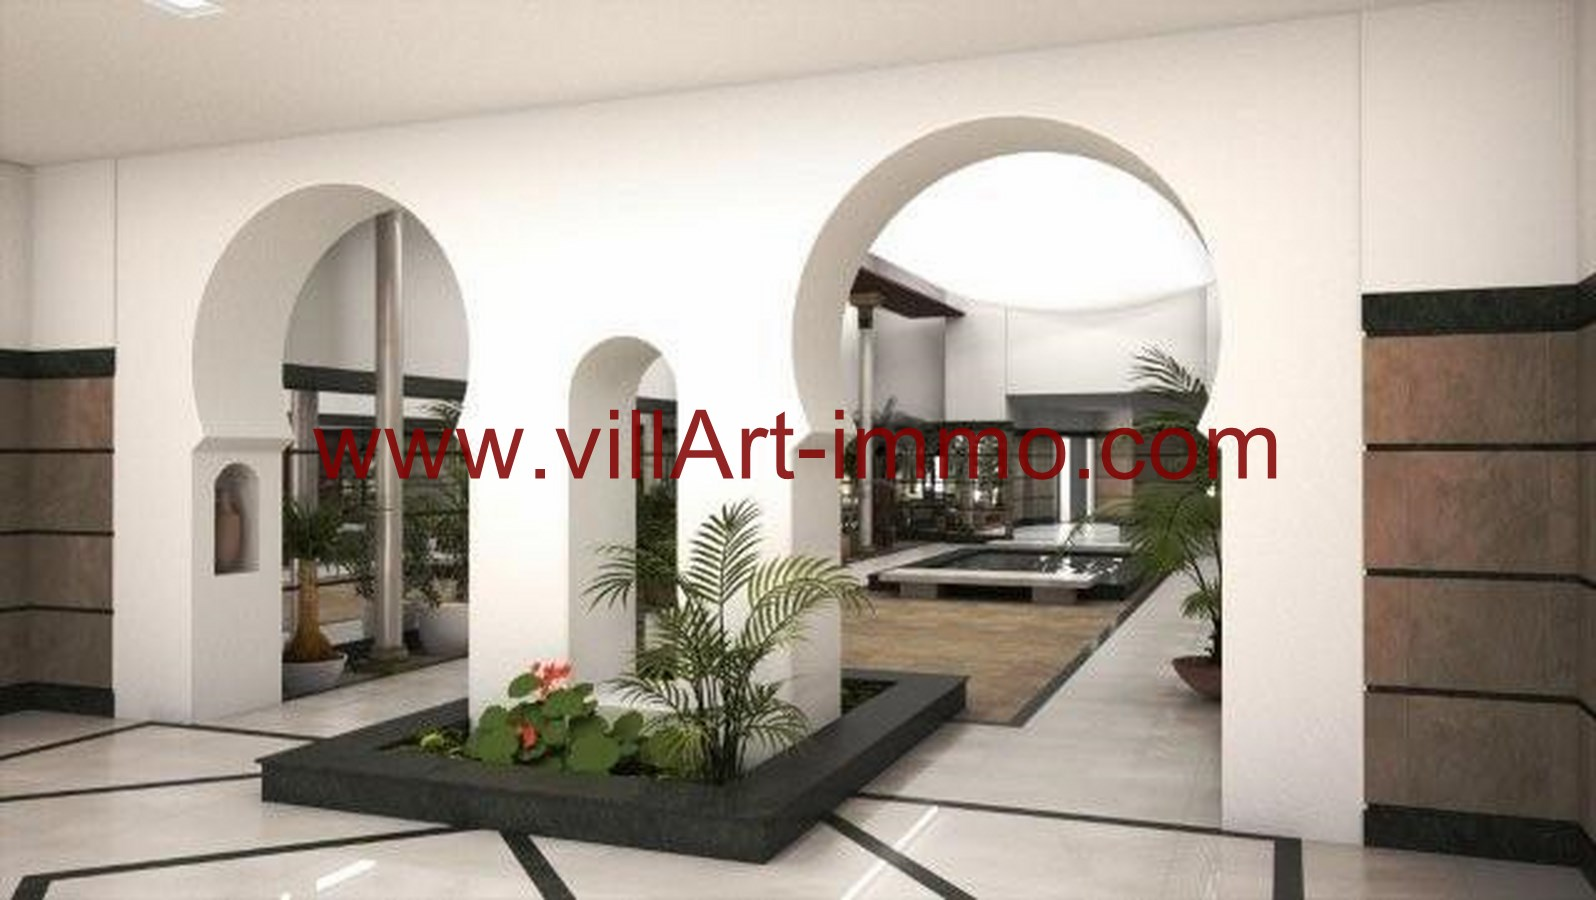 A louer joli appartement meubl dans une r sidence avec ascenseur tanger villart - Location studio meuble montpellier centre ville ...